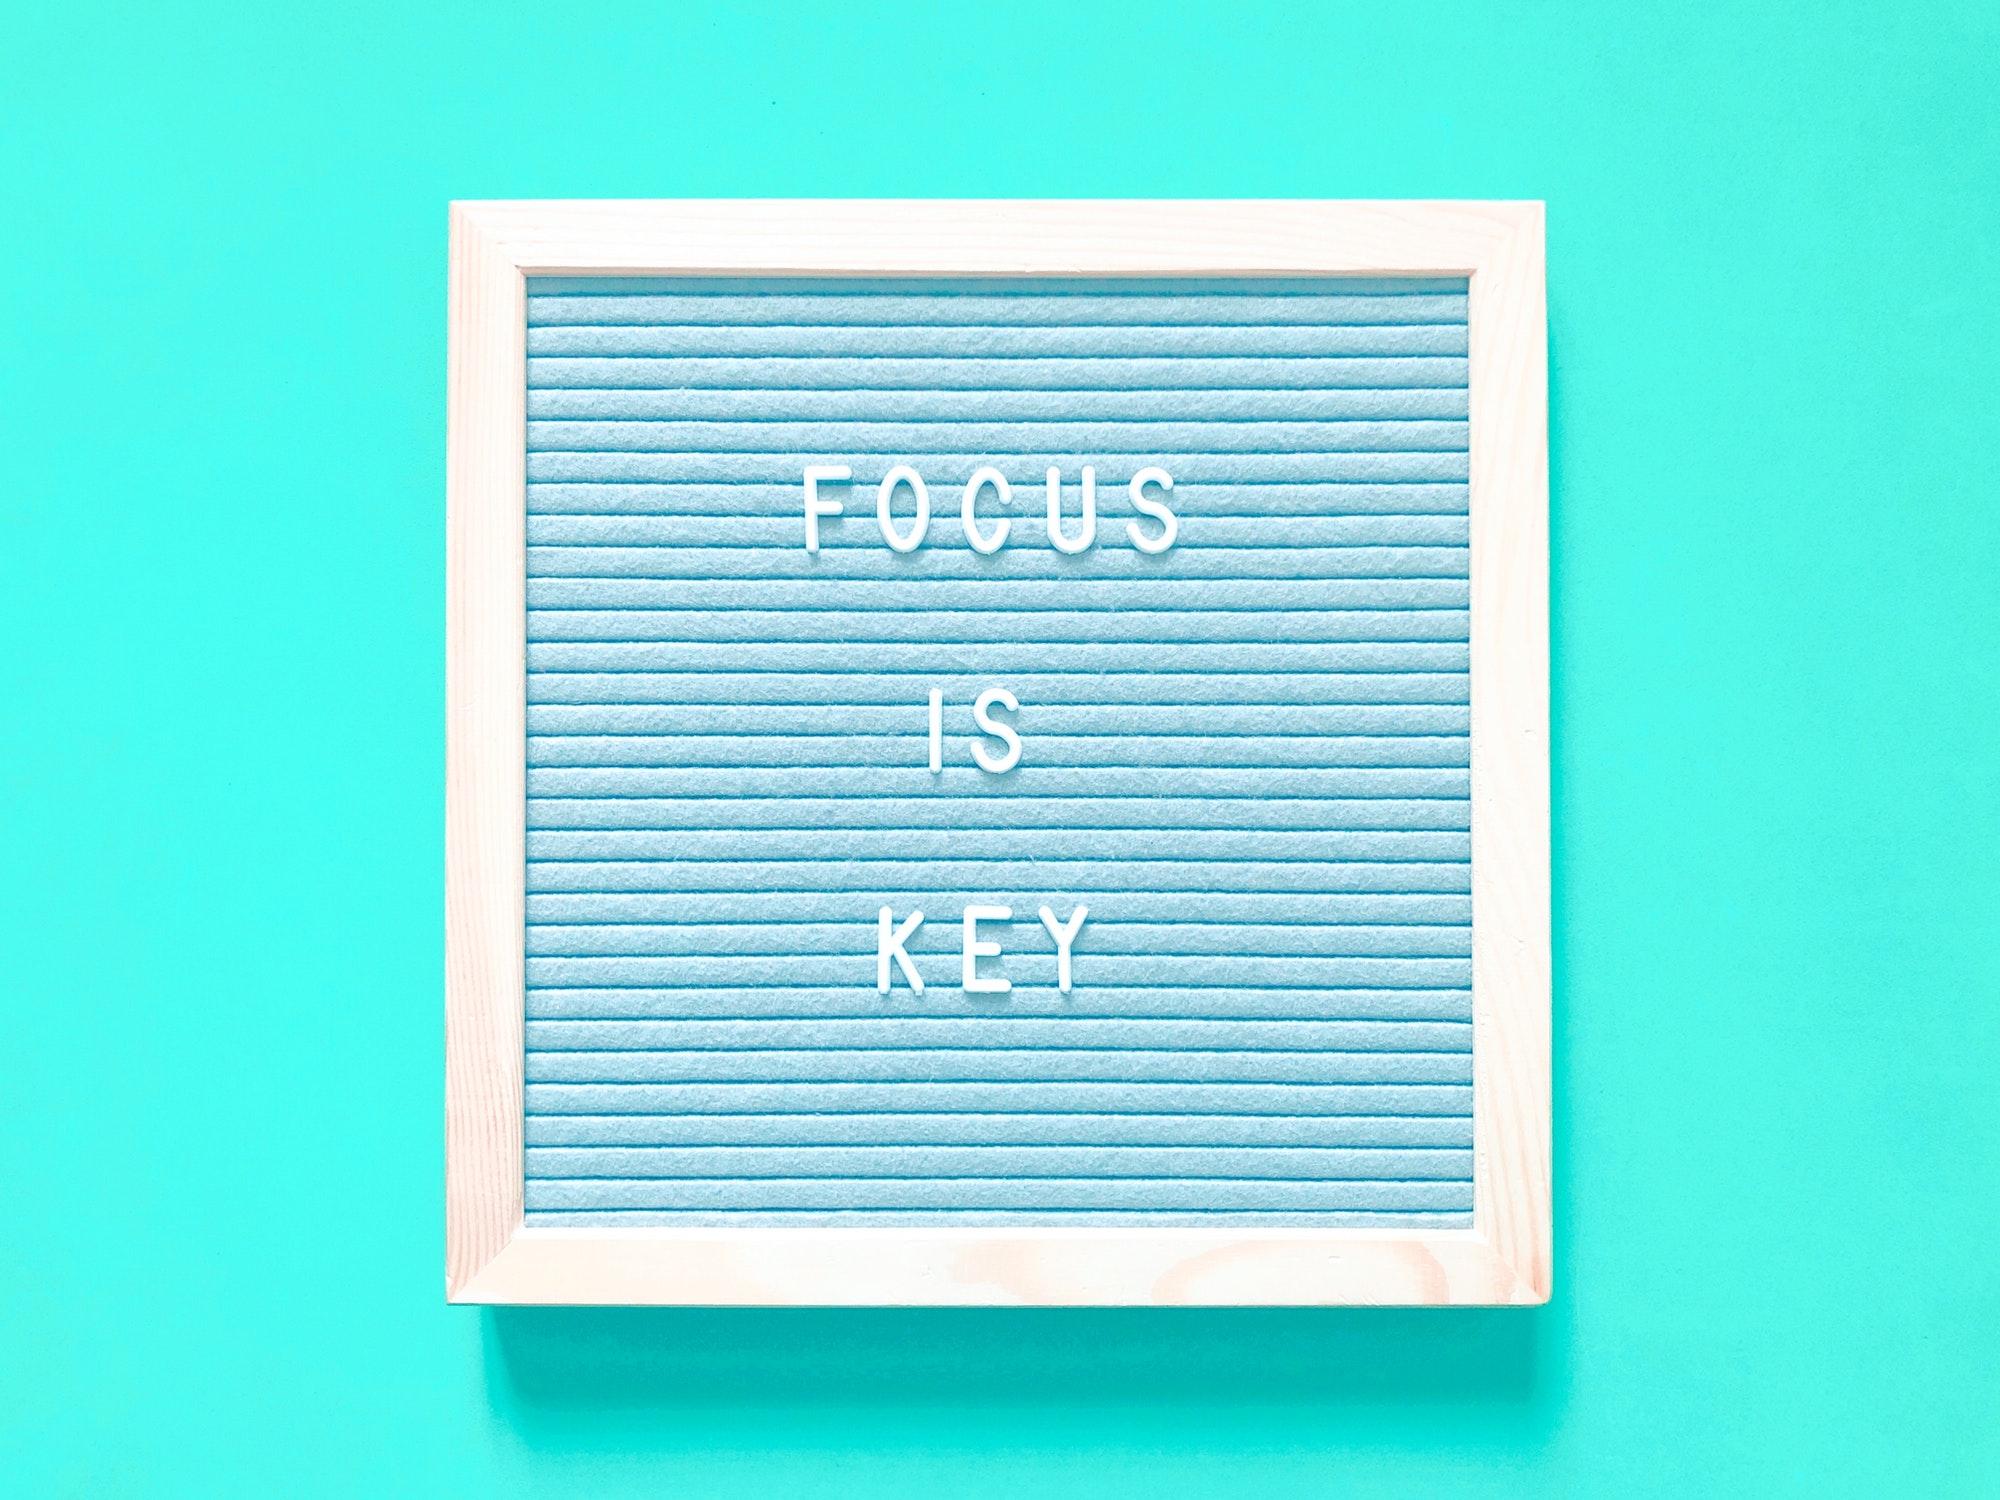 Focus is key.